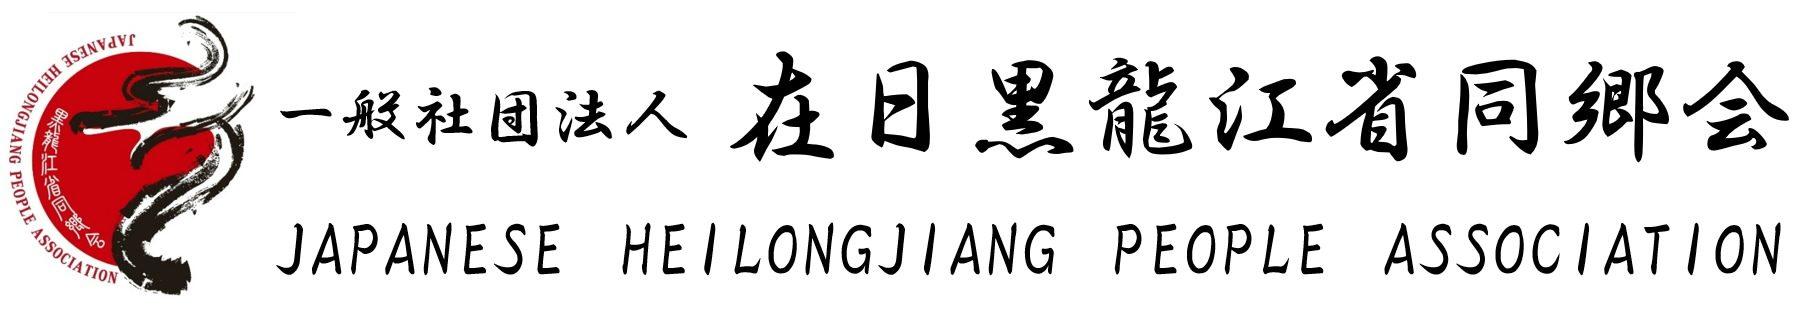 一般社団法人 在日黒龍江省同郷会